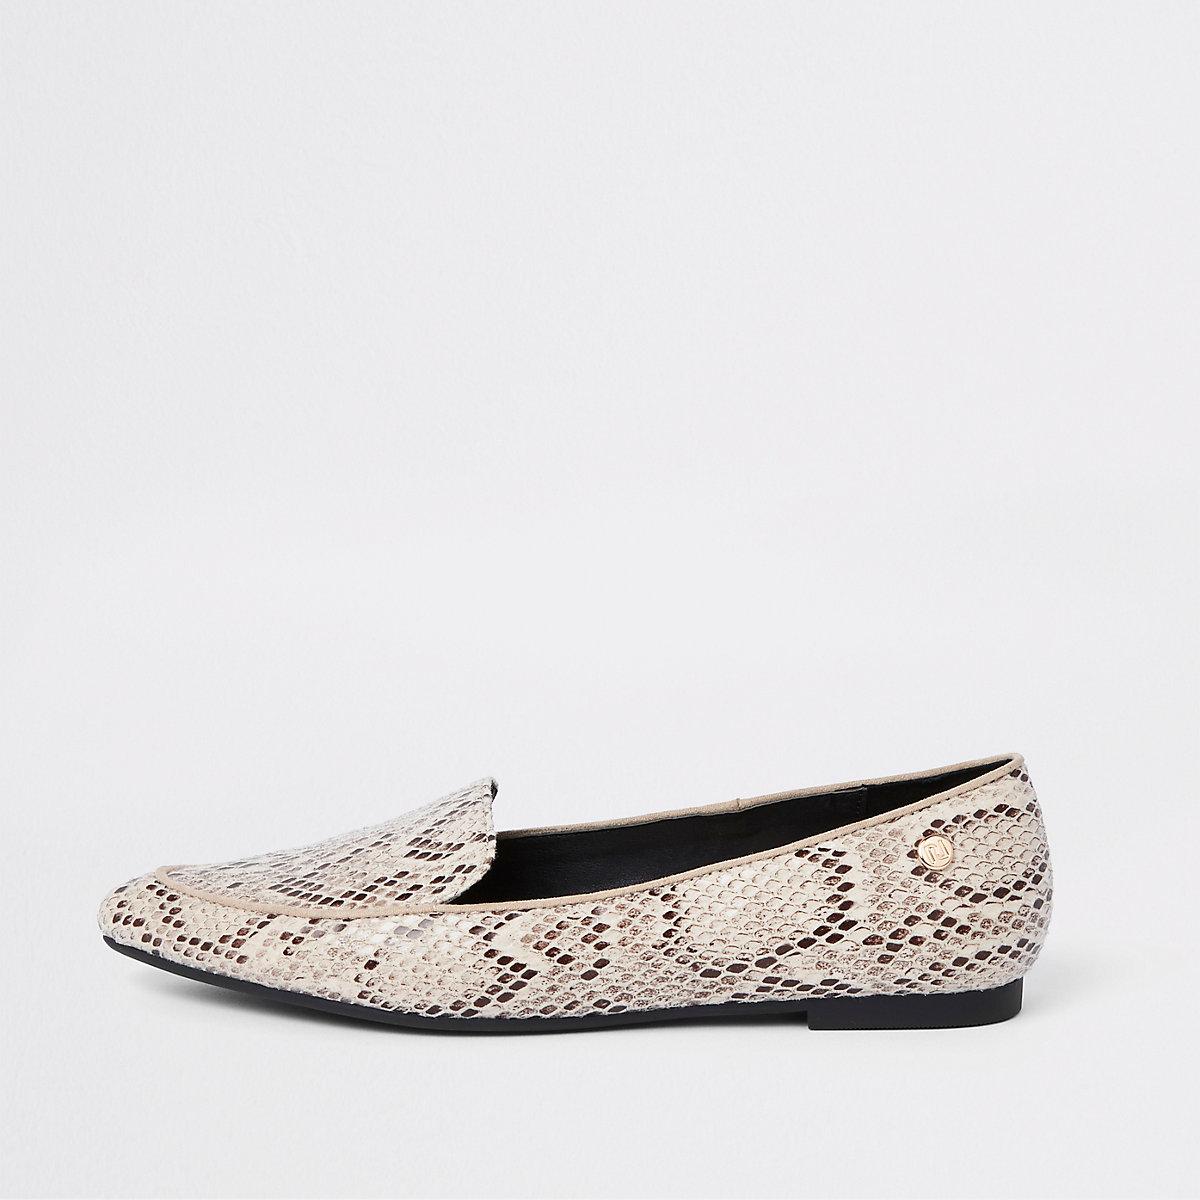 Beige loafers met spitse neus en slangenprint in reliëf